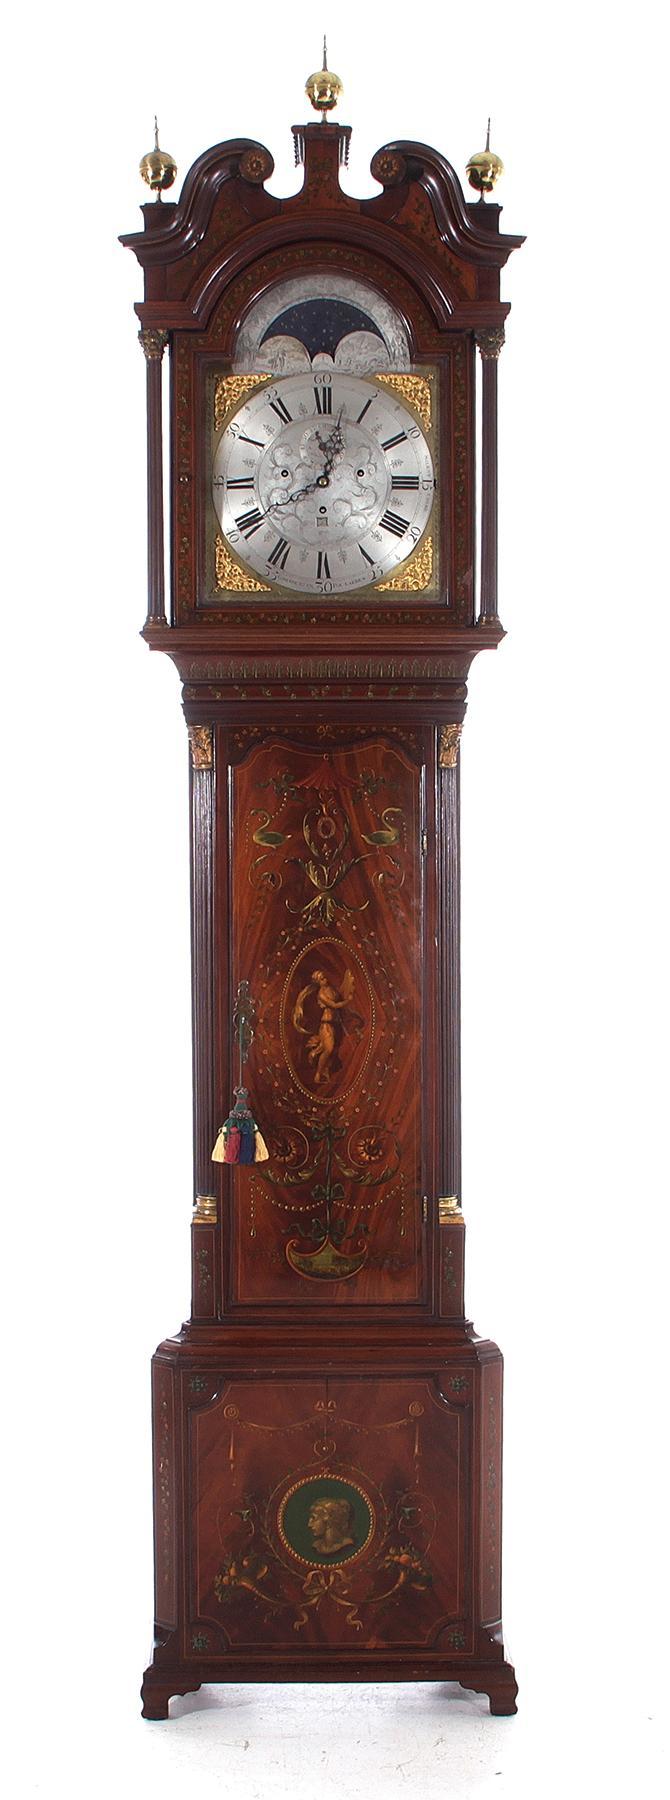 Dutch brass-mounted and painted tall case clock, Goslink Ruempol Laren